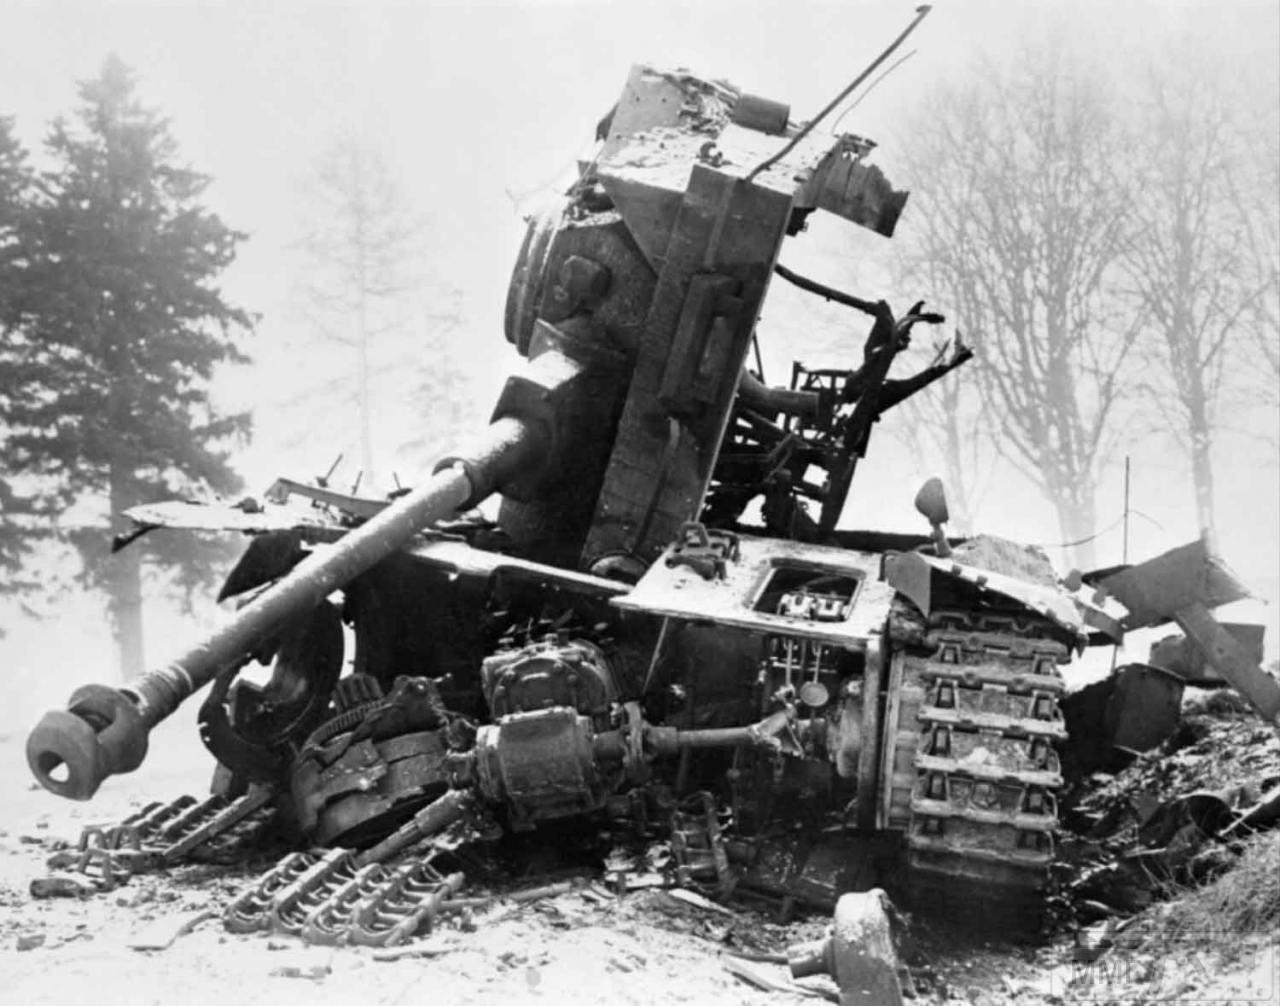 78852 - Achtung Panzer!